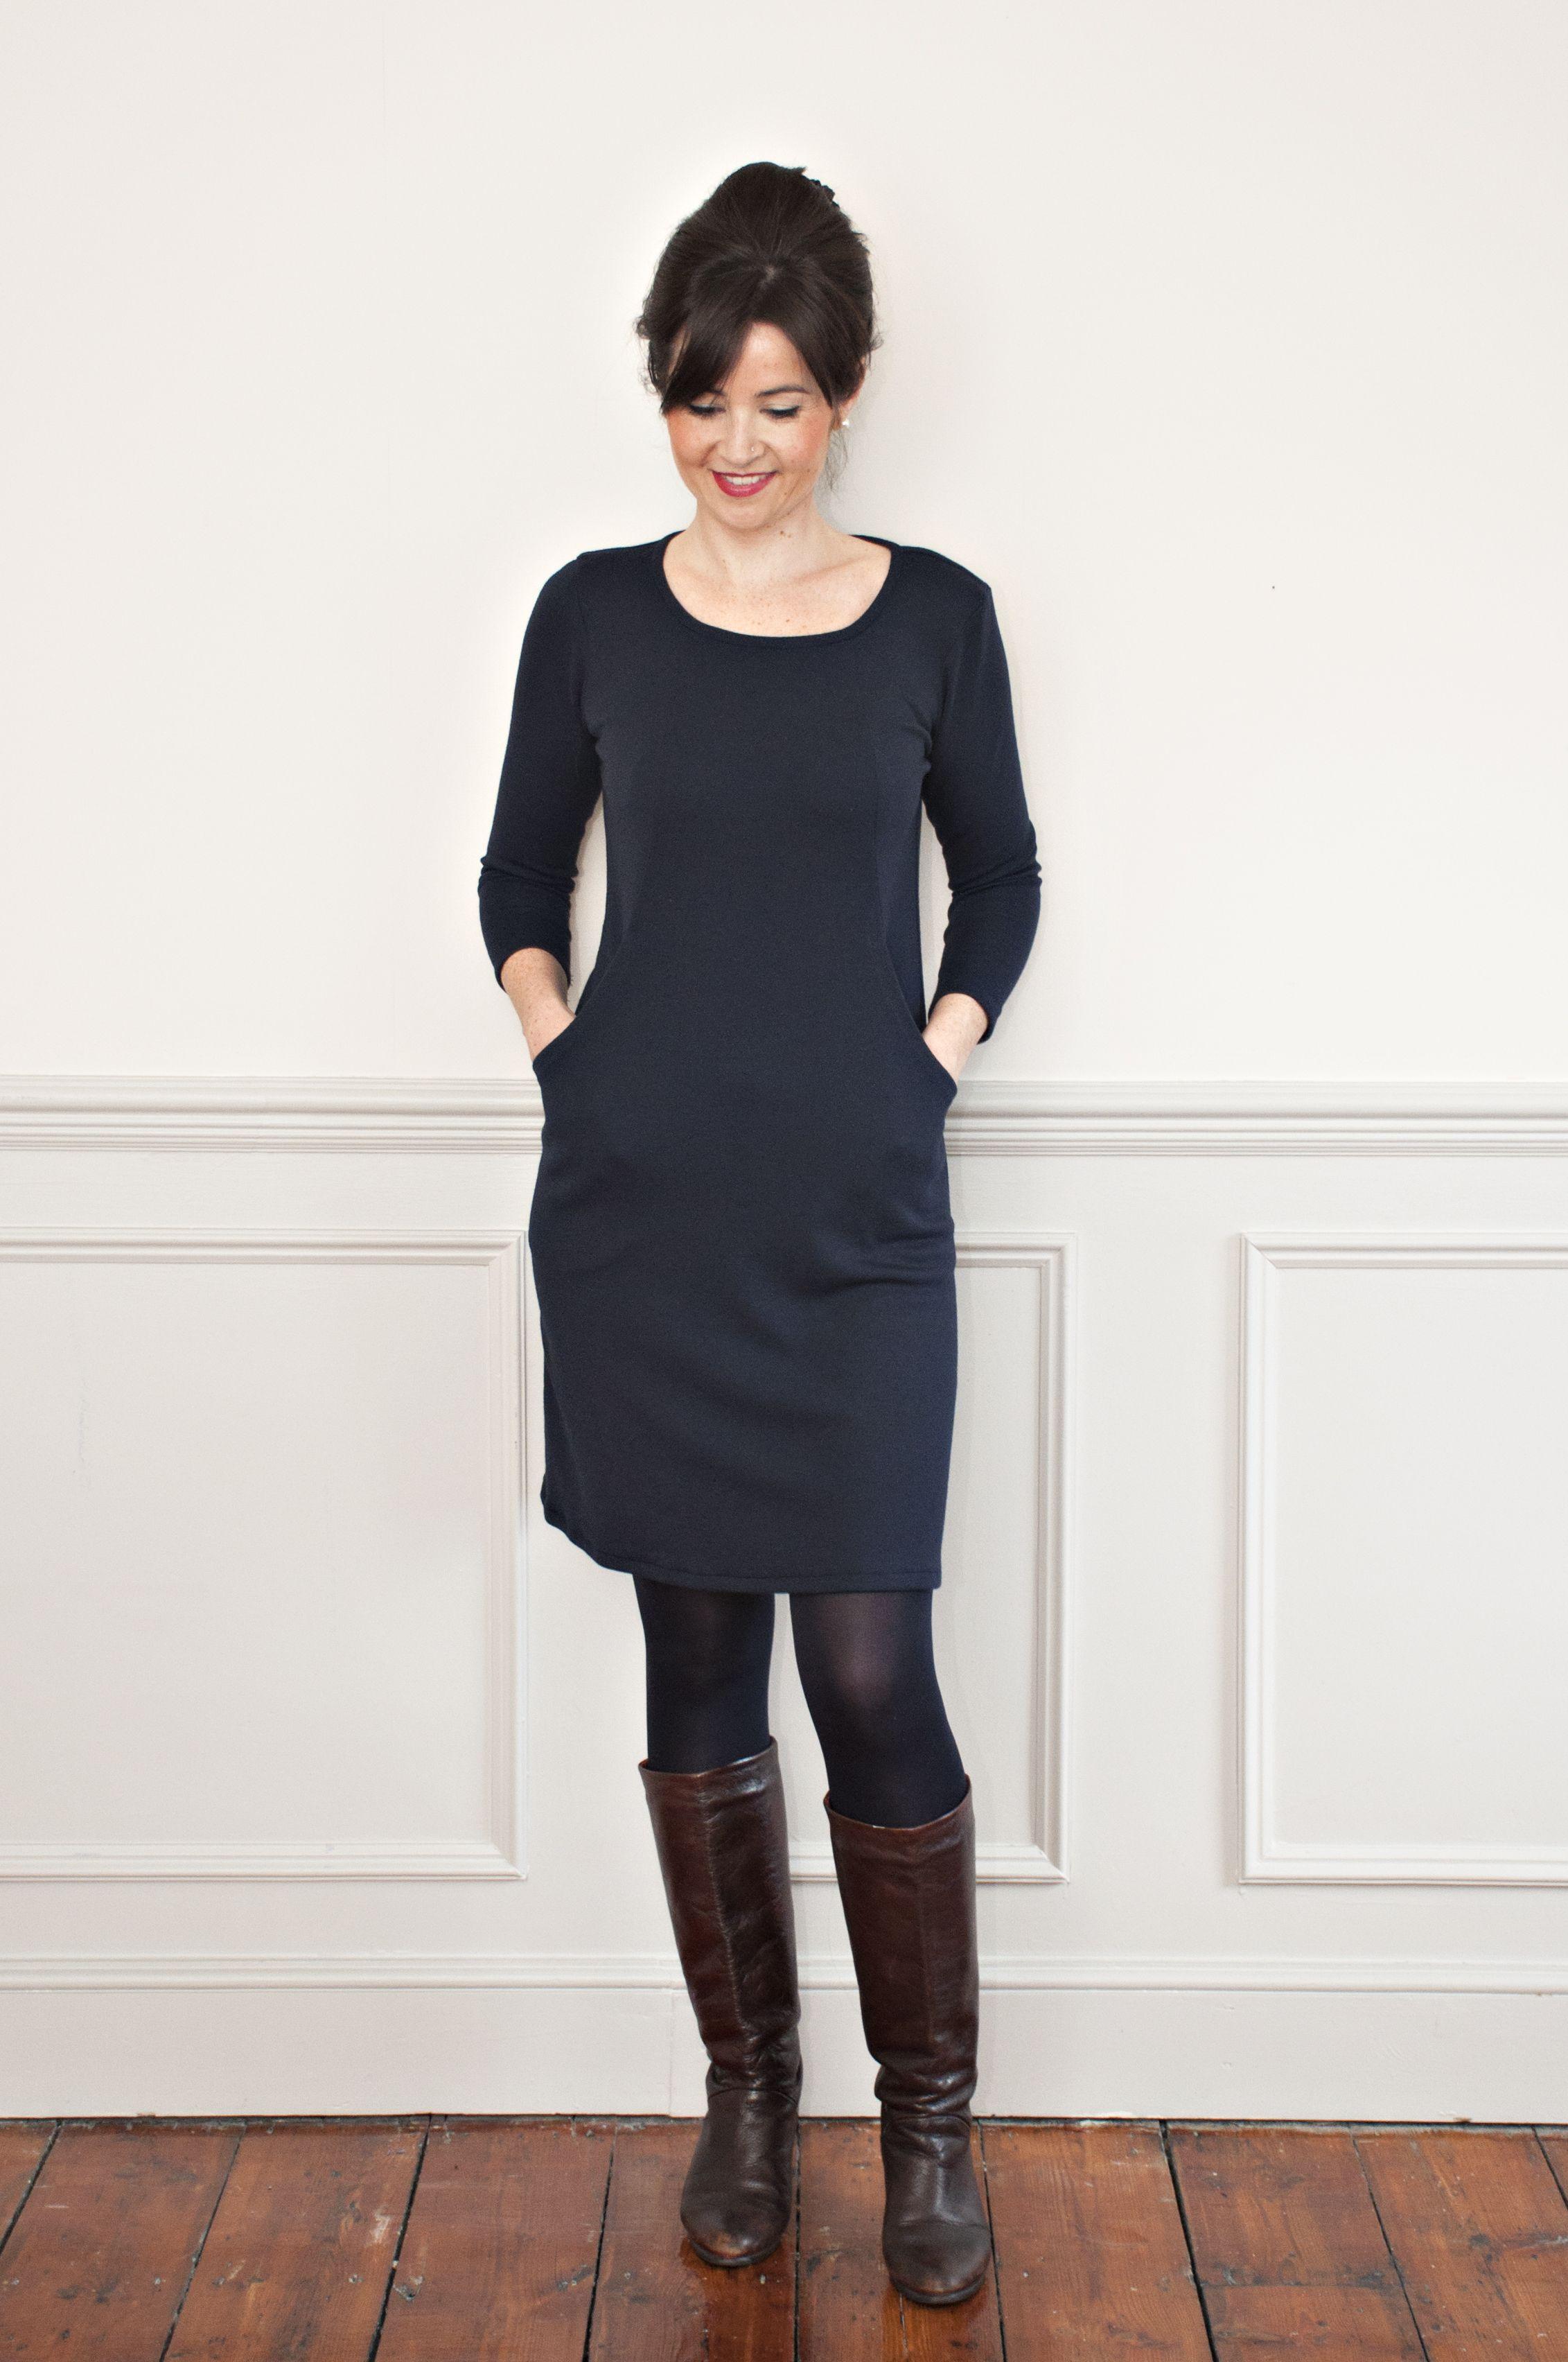 mimi g maxi dress pattern 7247